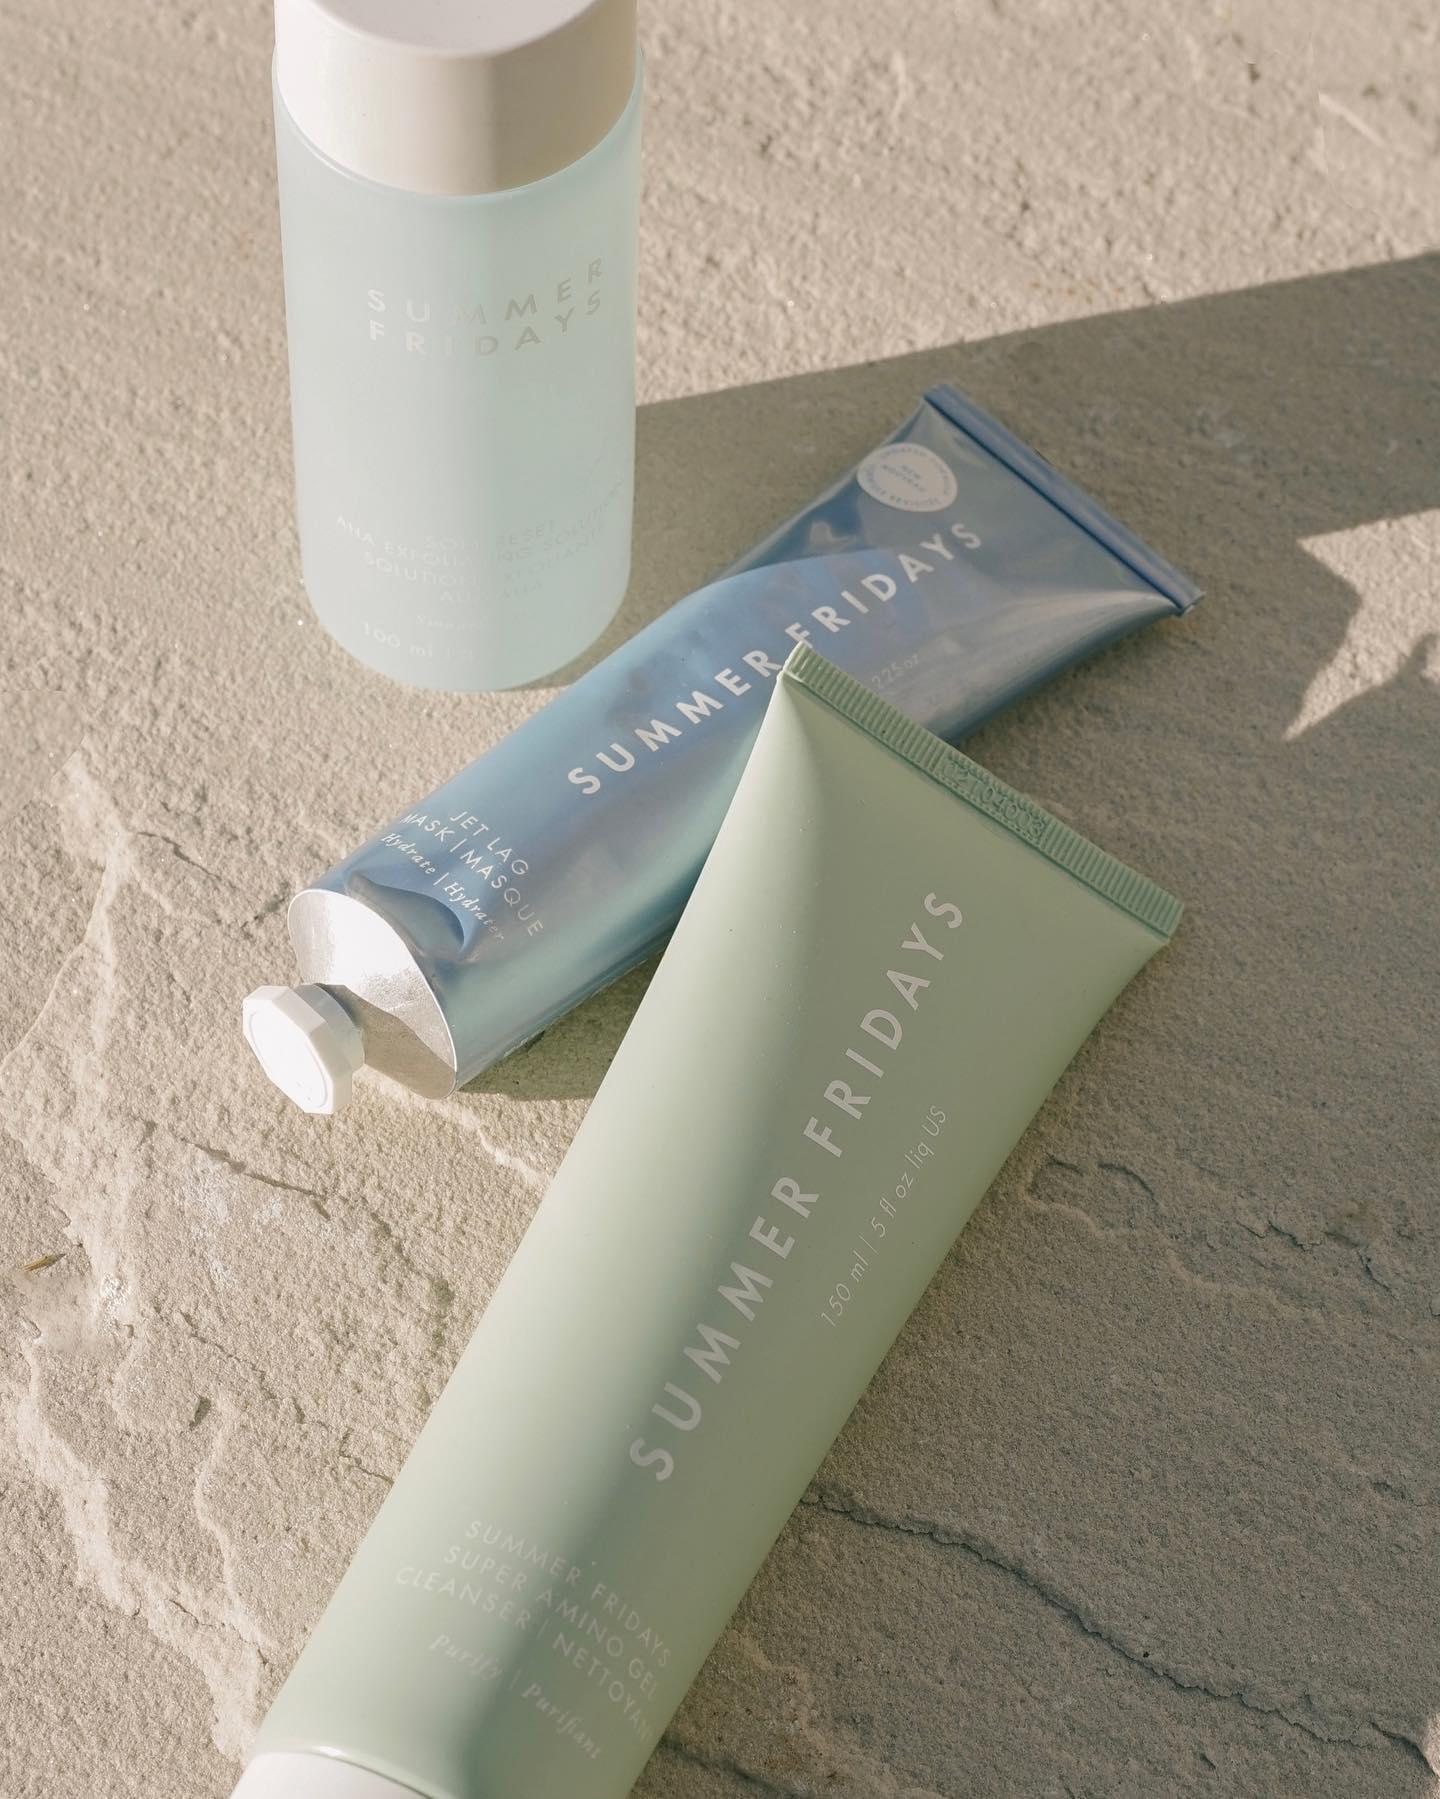 Summer Fridays sustainable skincare